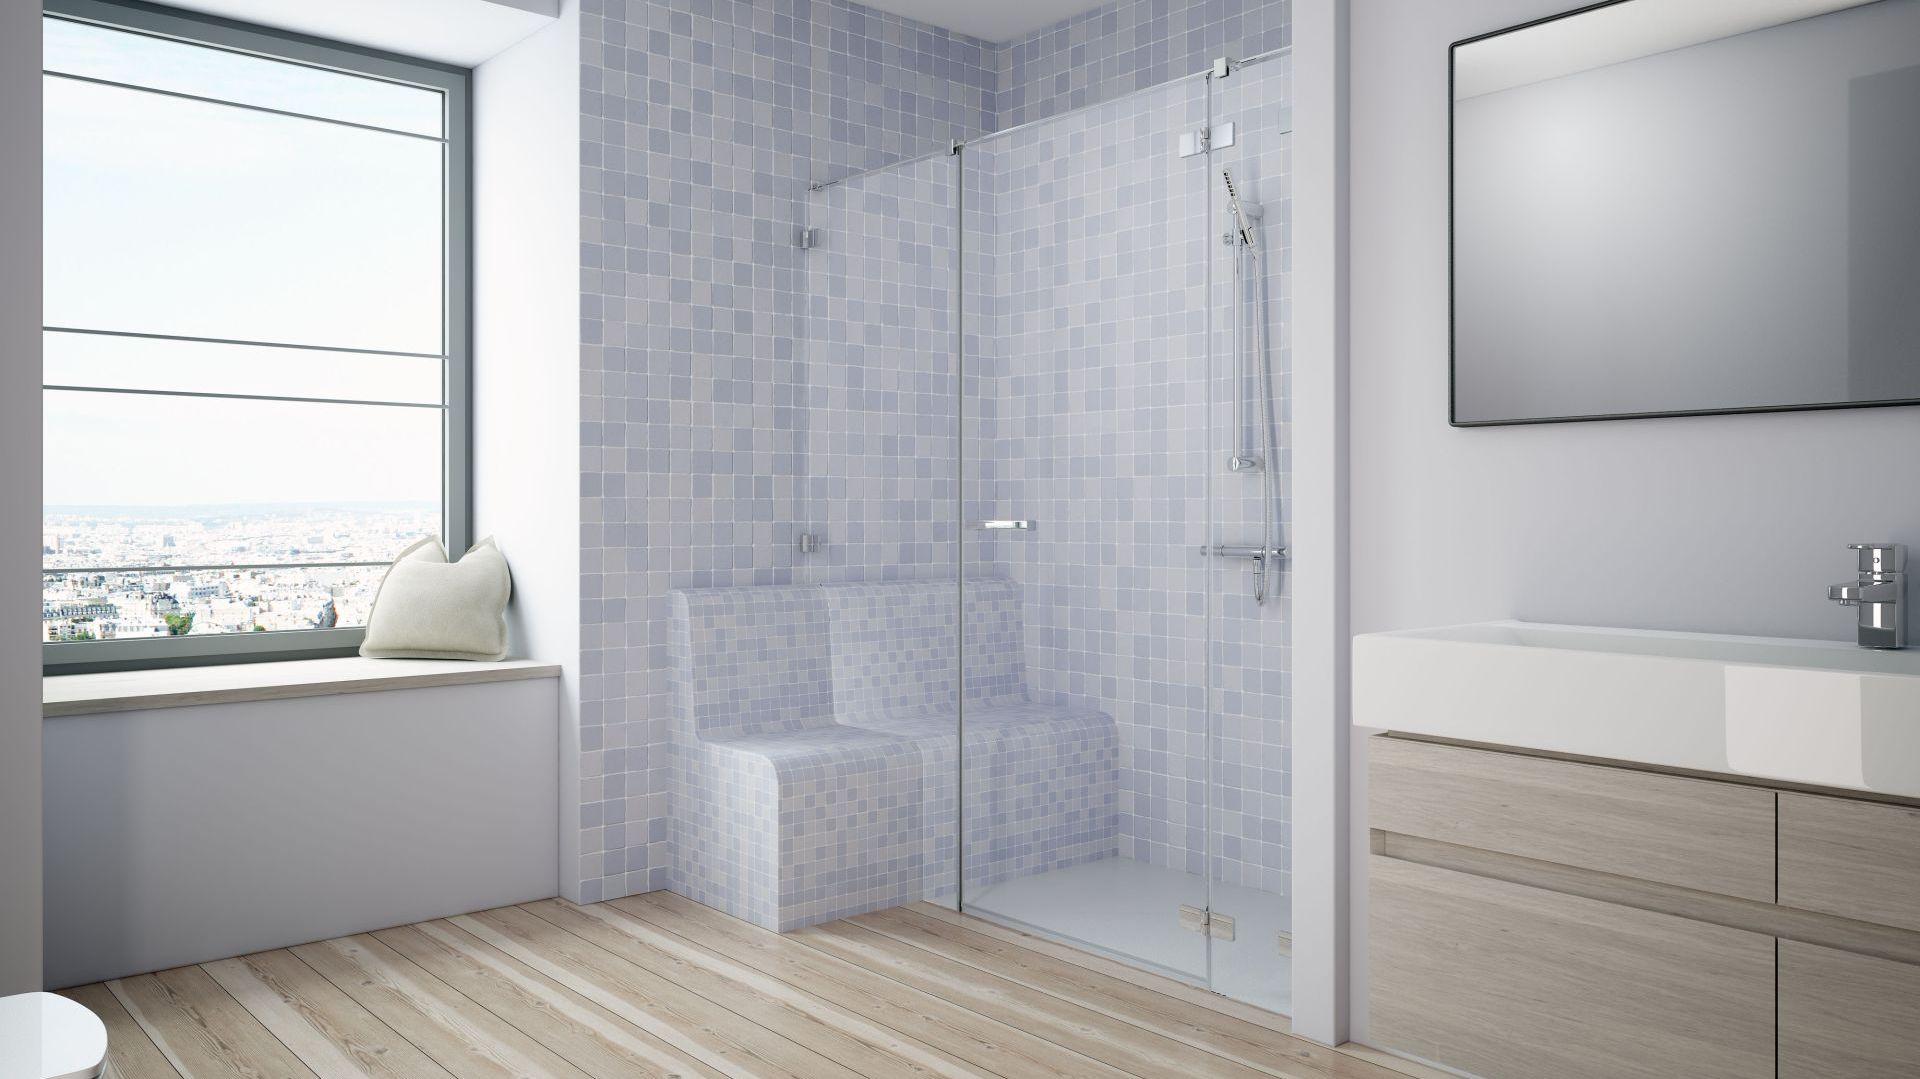 Prysznic Na Miarę Potrzeb Komfort I Bezpieczeństwo Osób